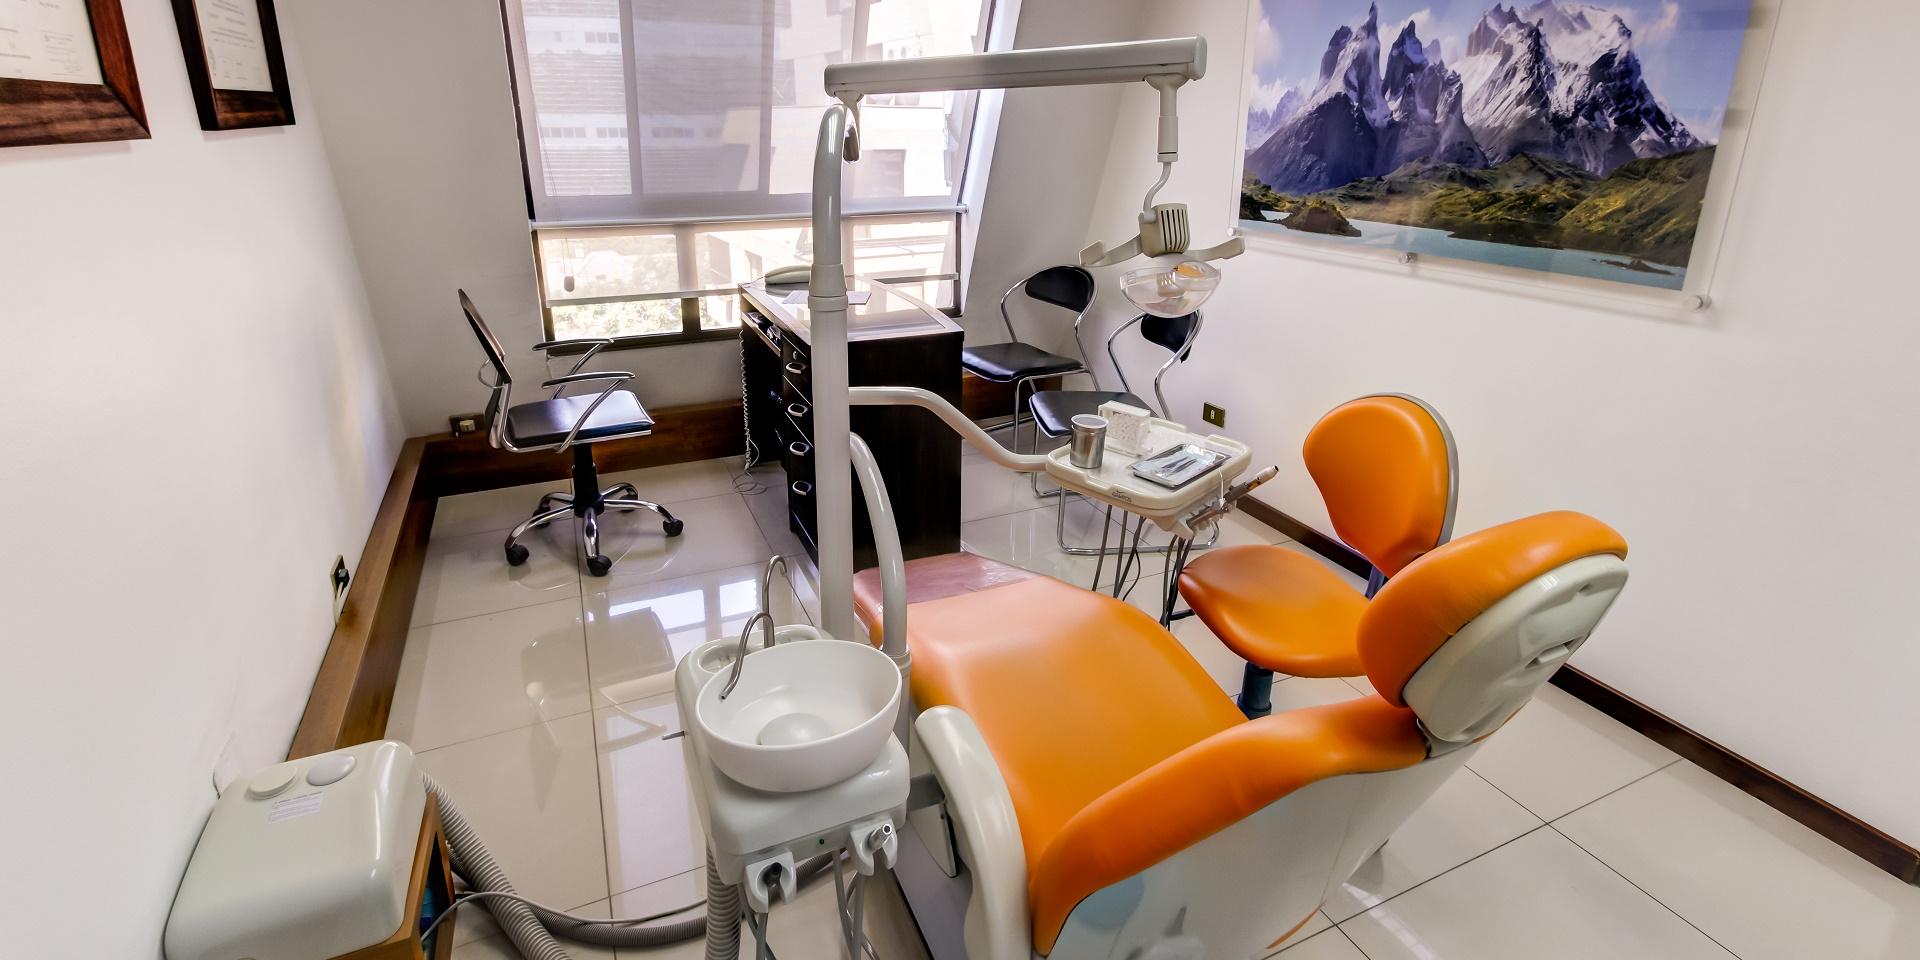 Implantes dentales santiago